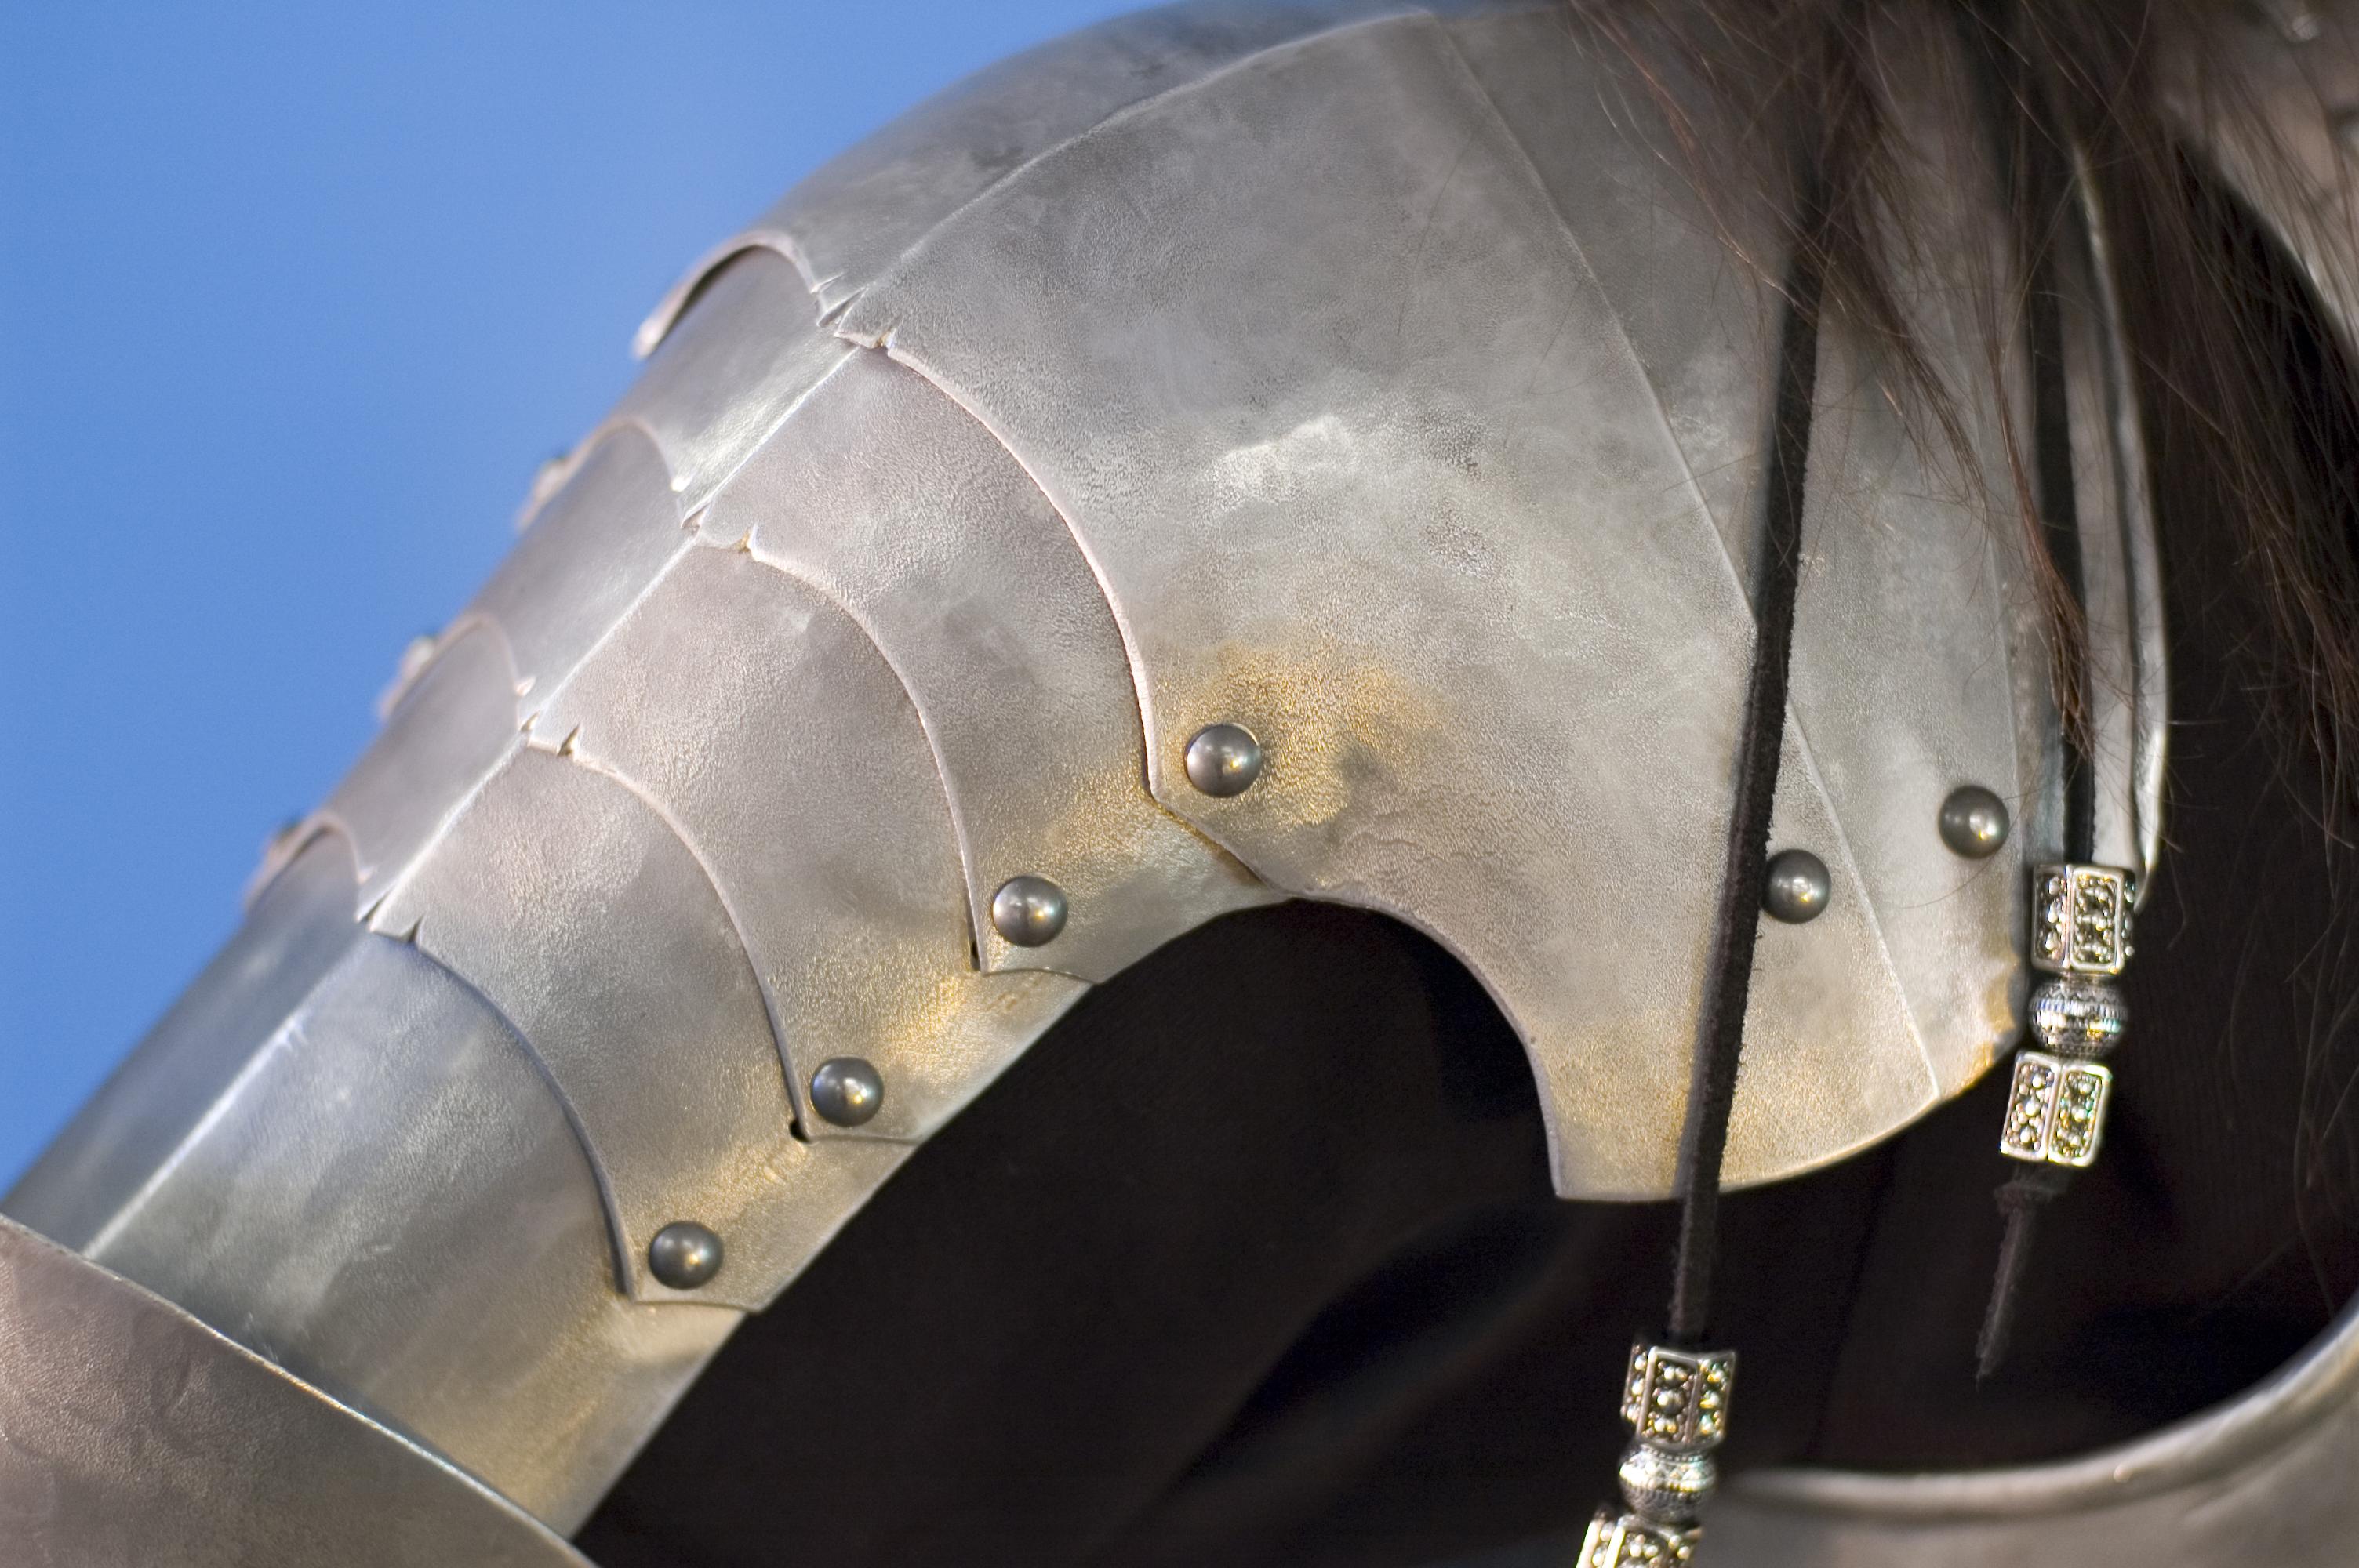 Aluminum Gardbrace Design